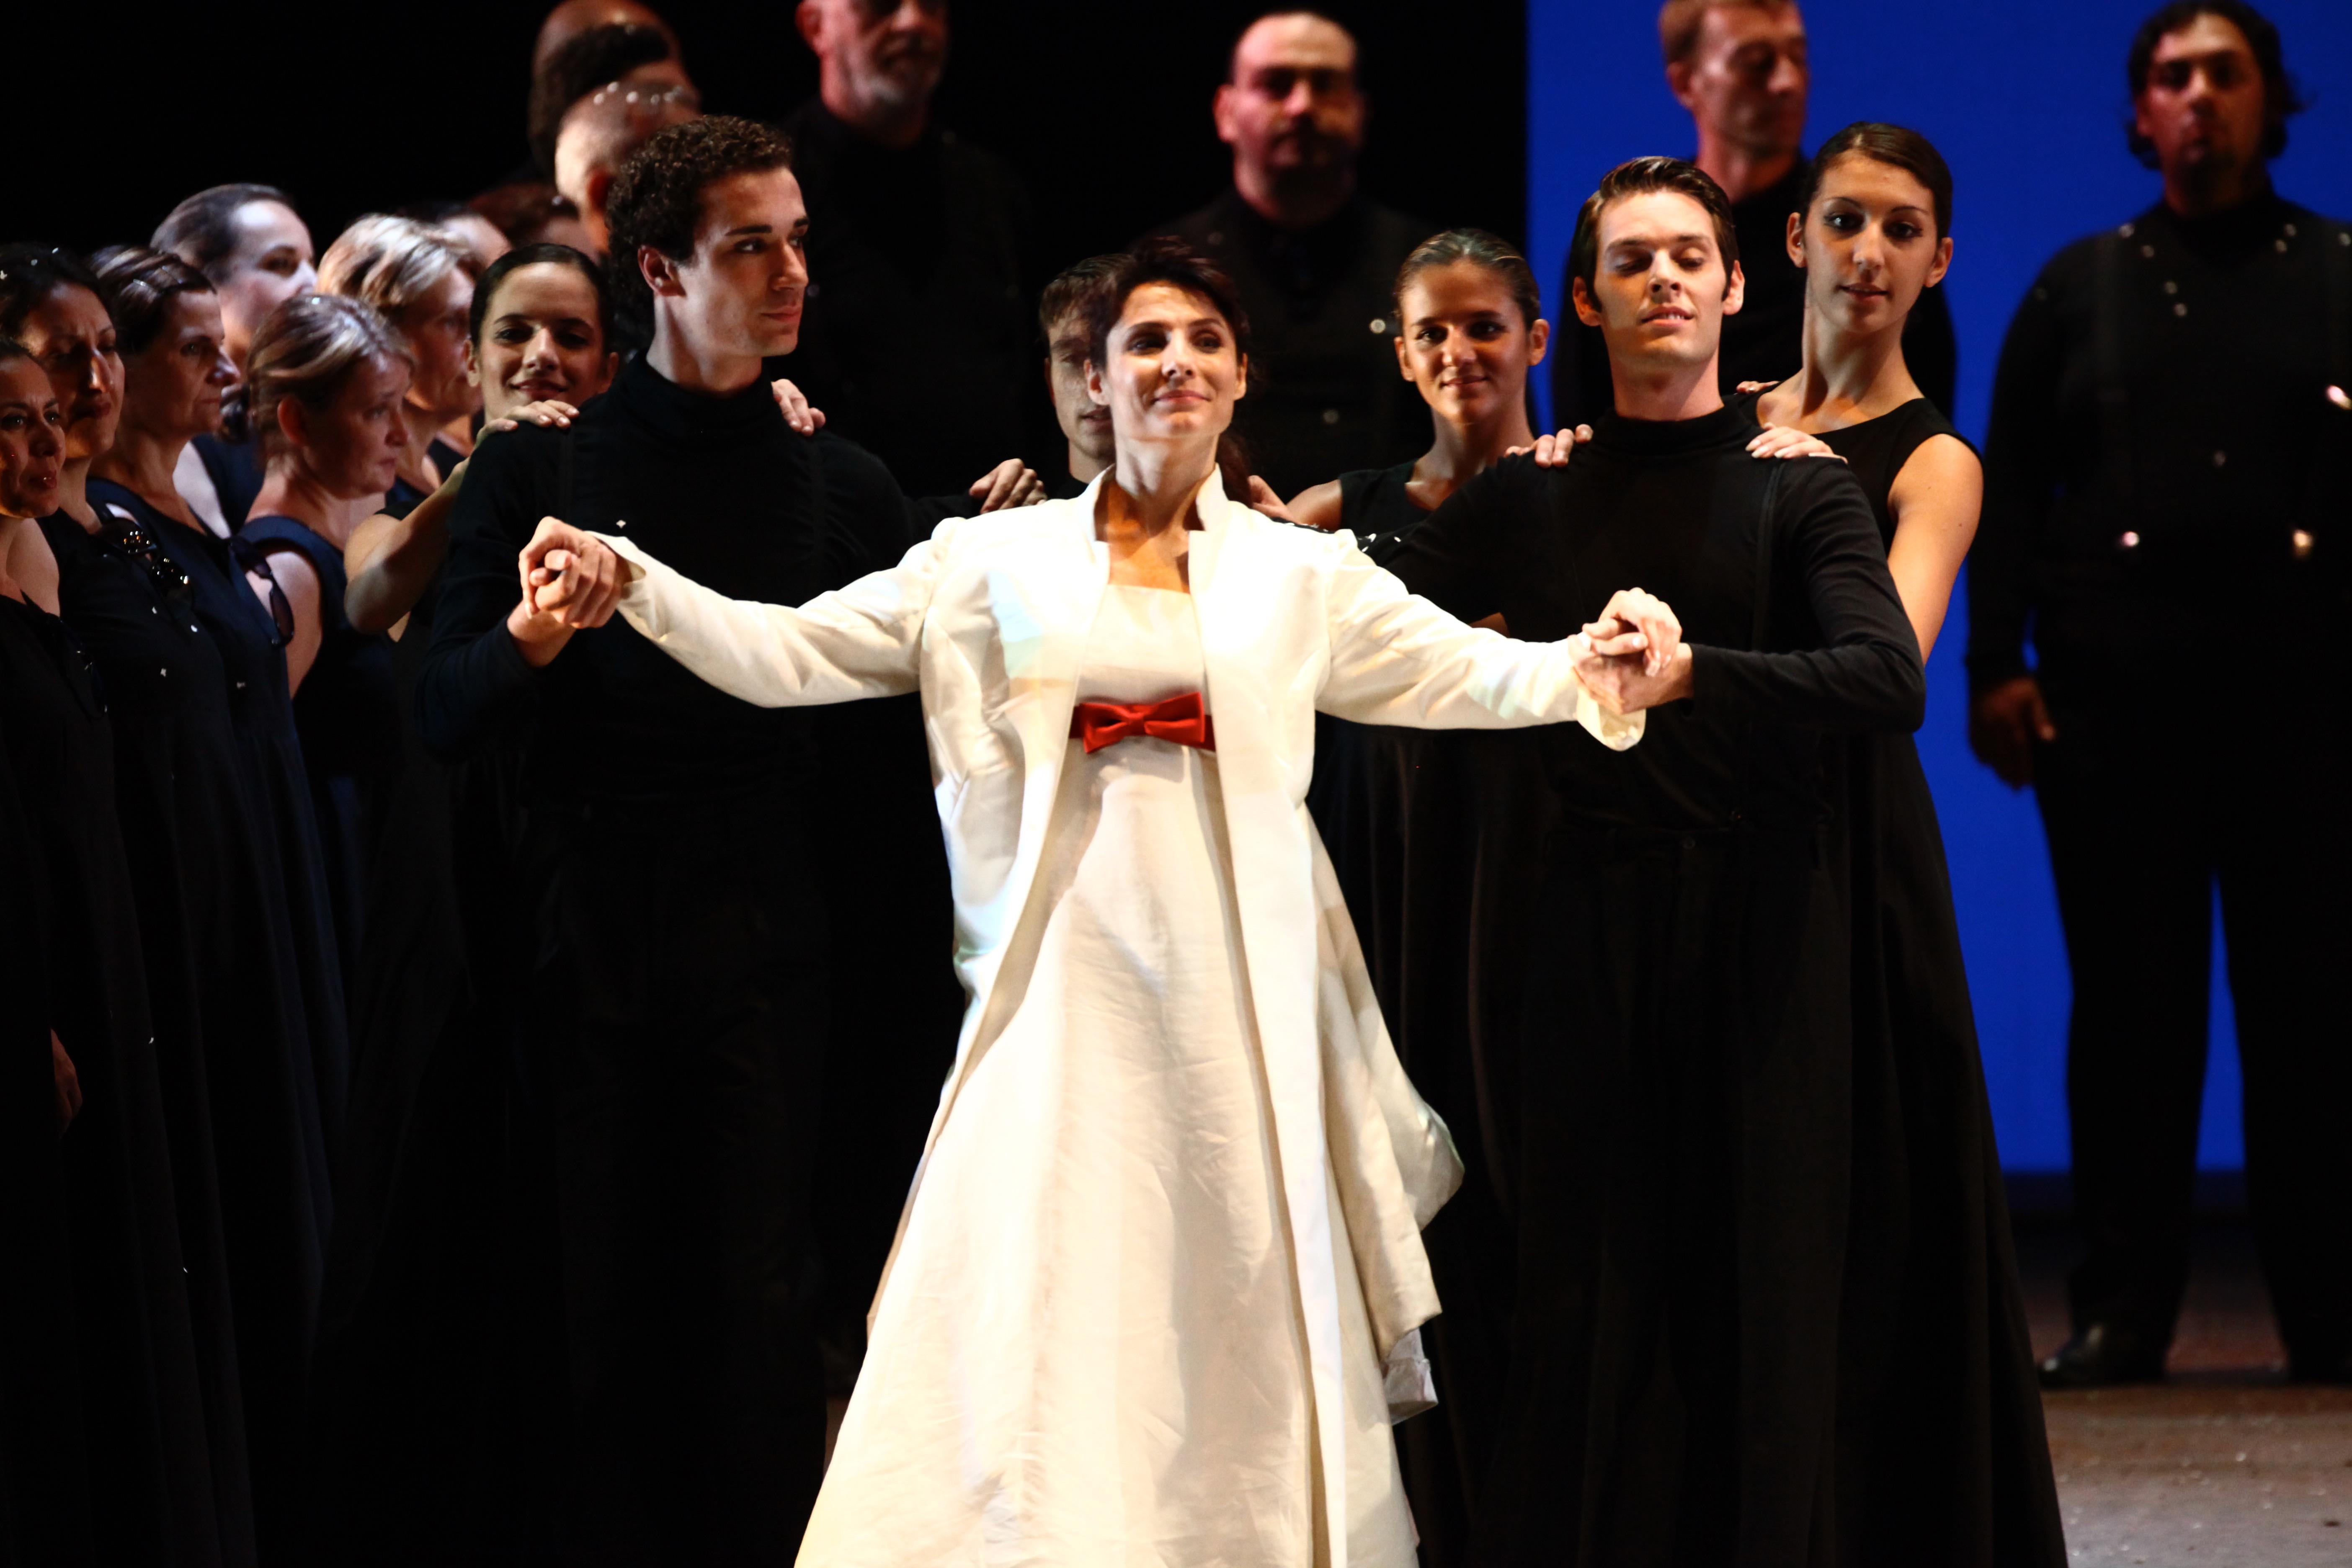 sonia peruzzo soprano